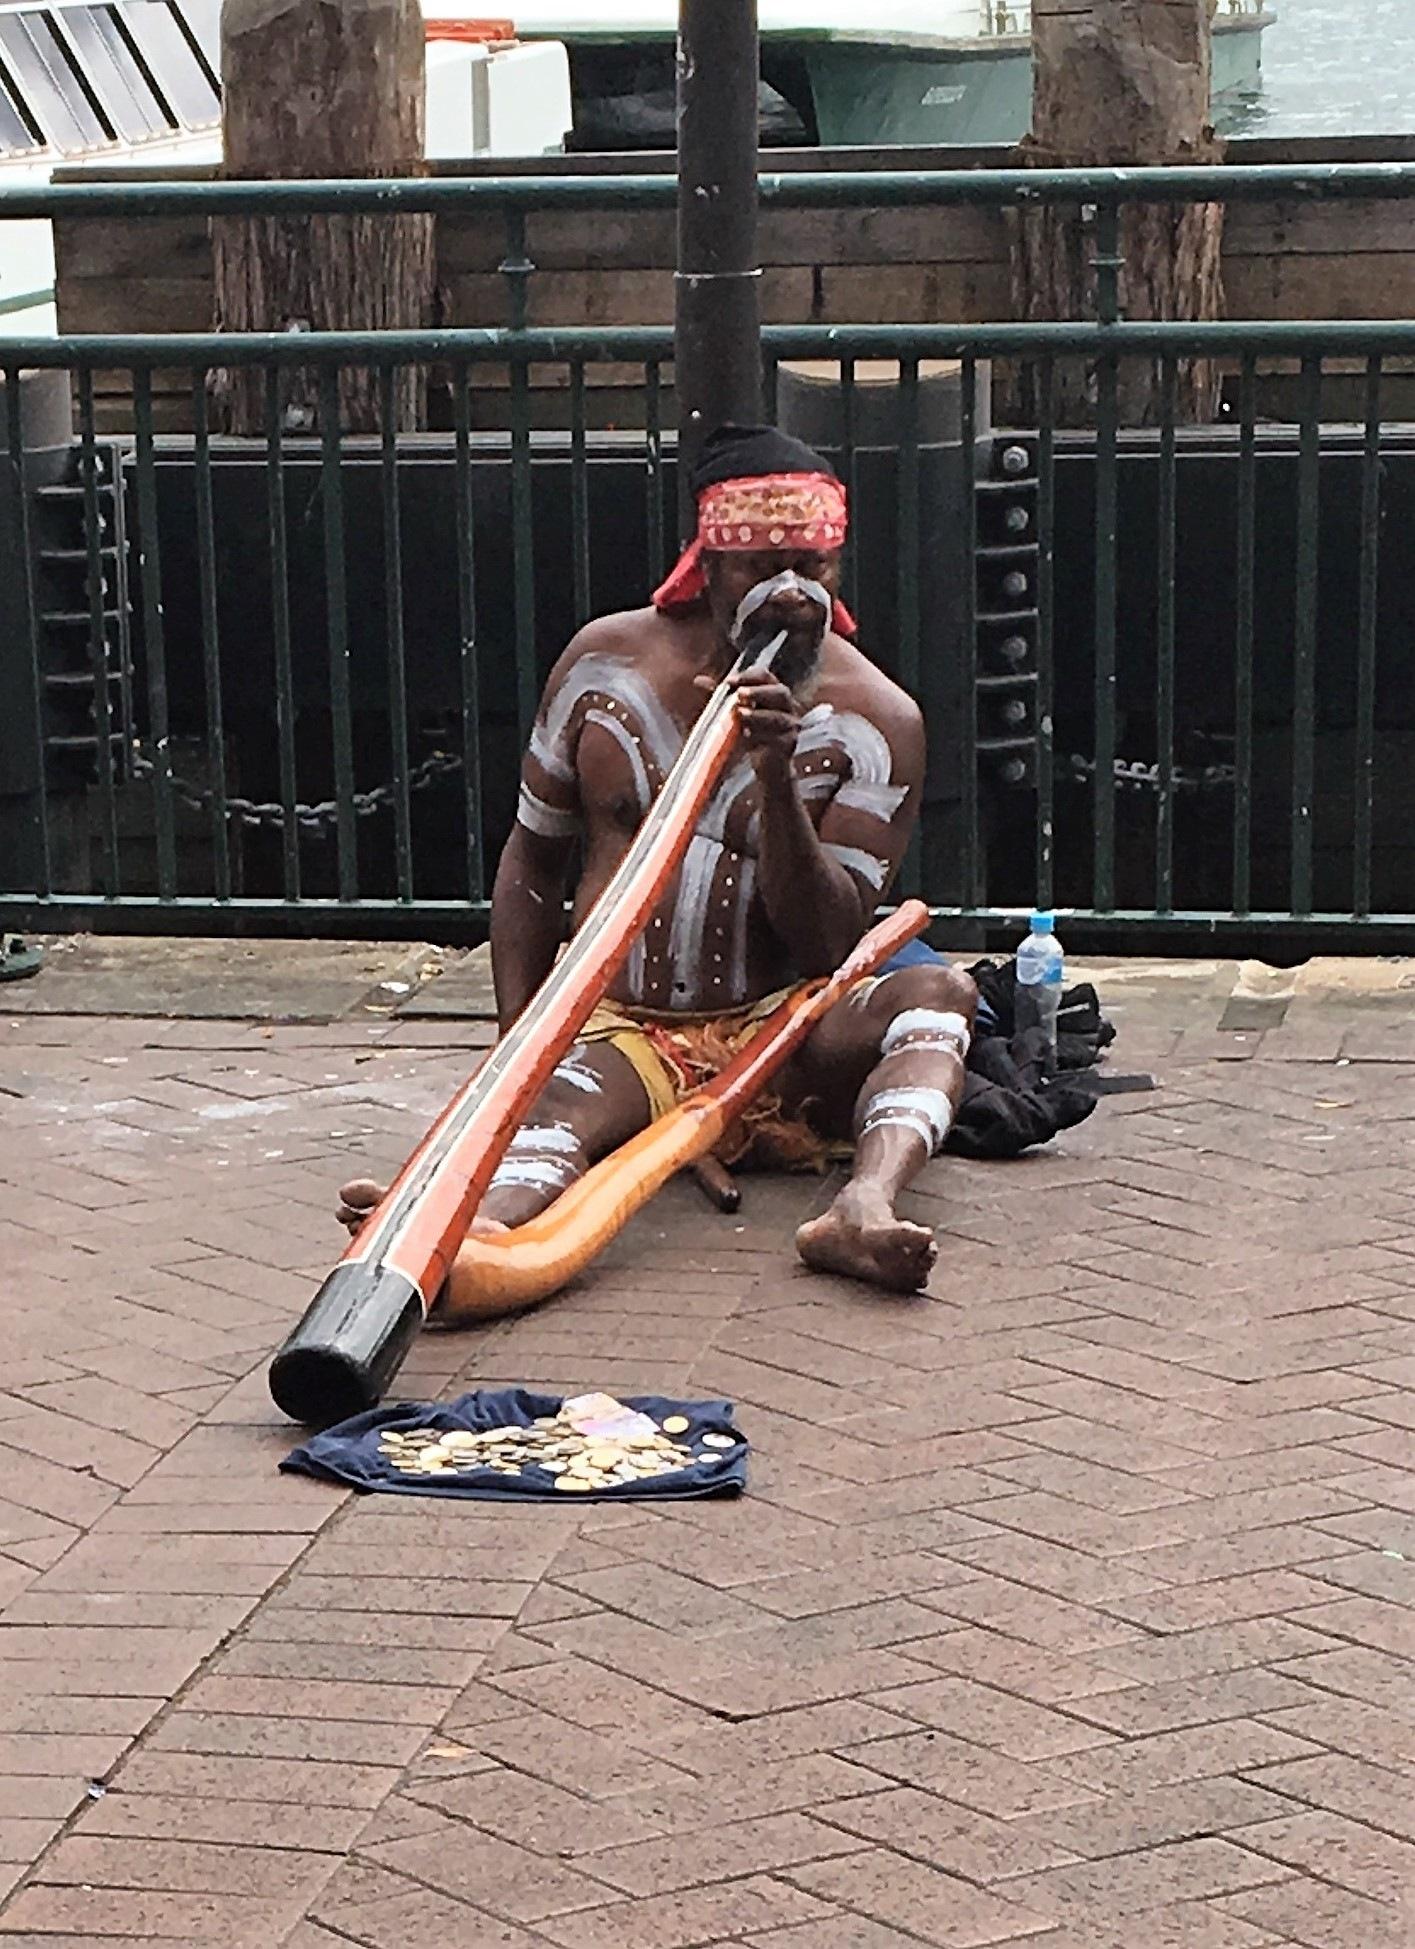 Didgeridoo by ronmac777